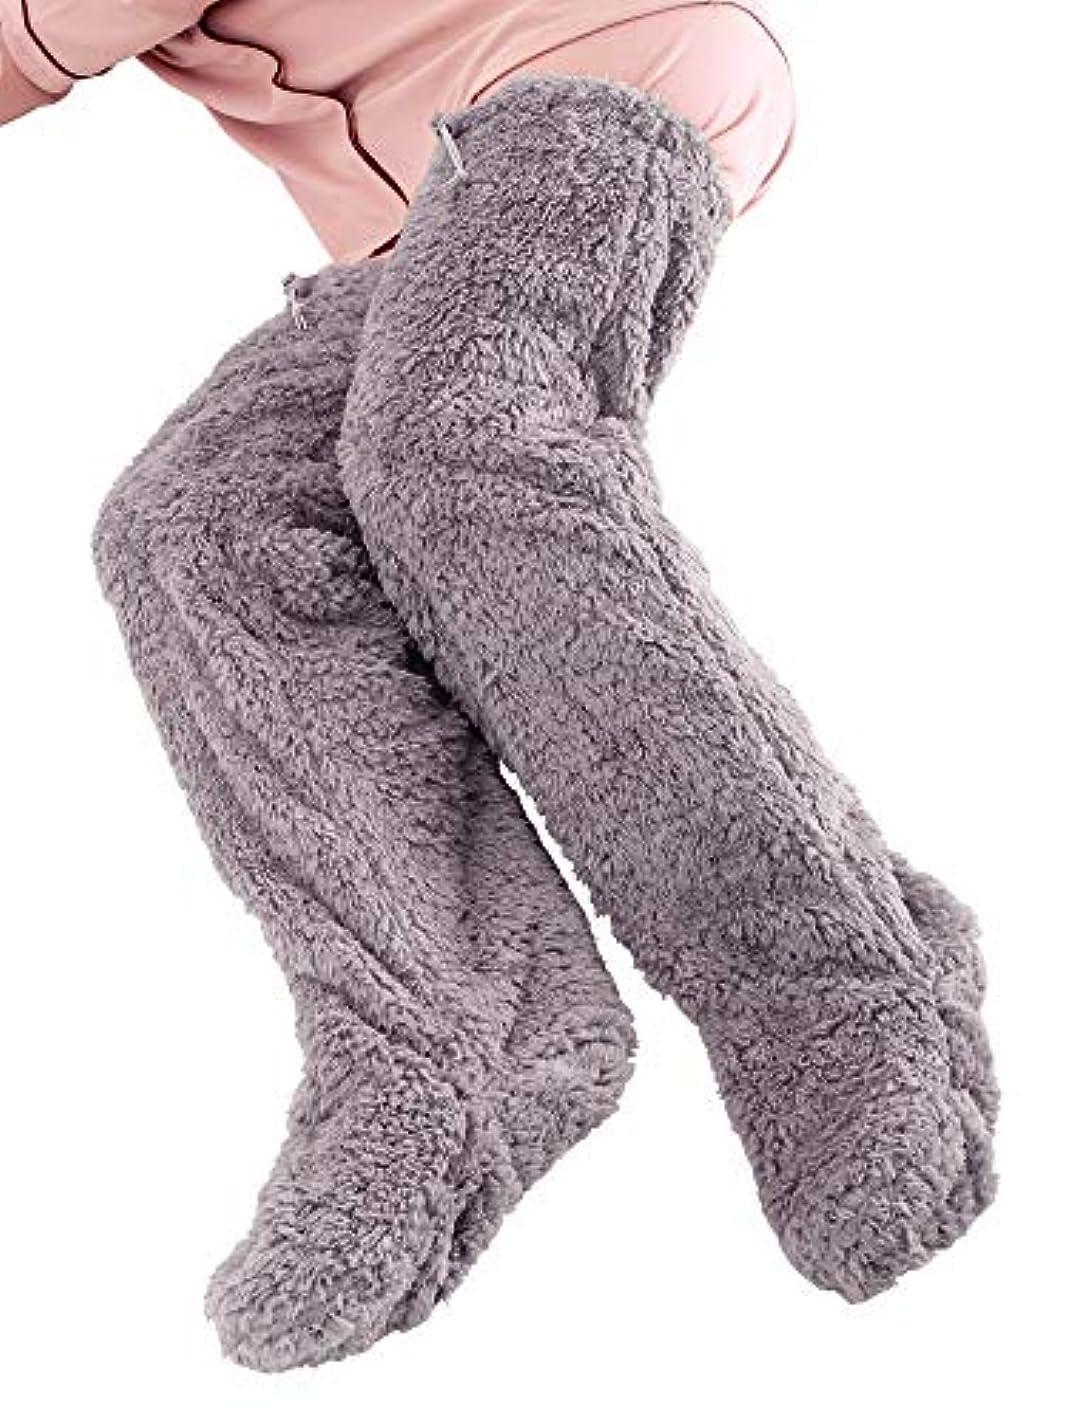 ヒロイングリル間に合わせ極暖 足が出せるロングカバー ストッパー付き グレー?Mサイズ